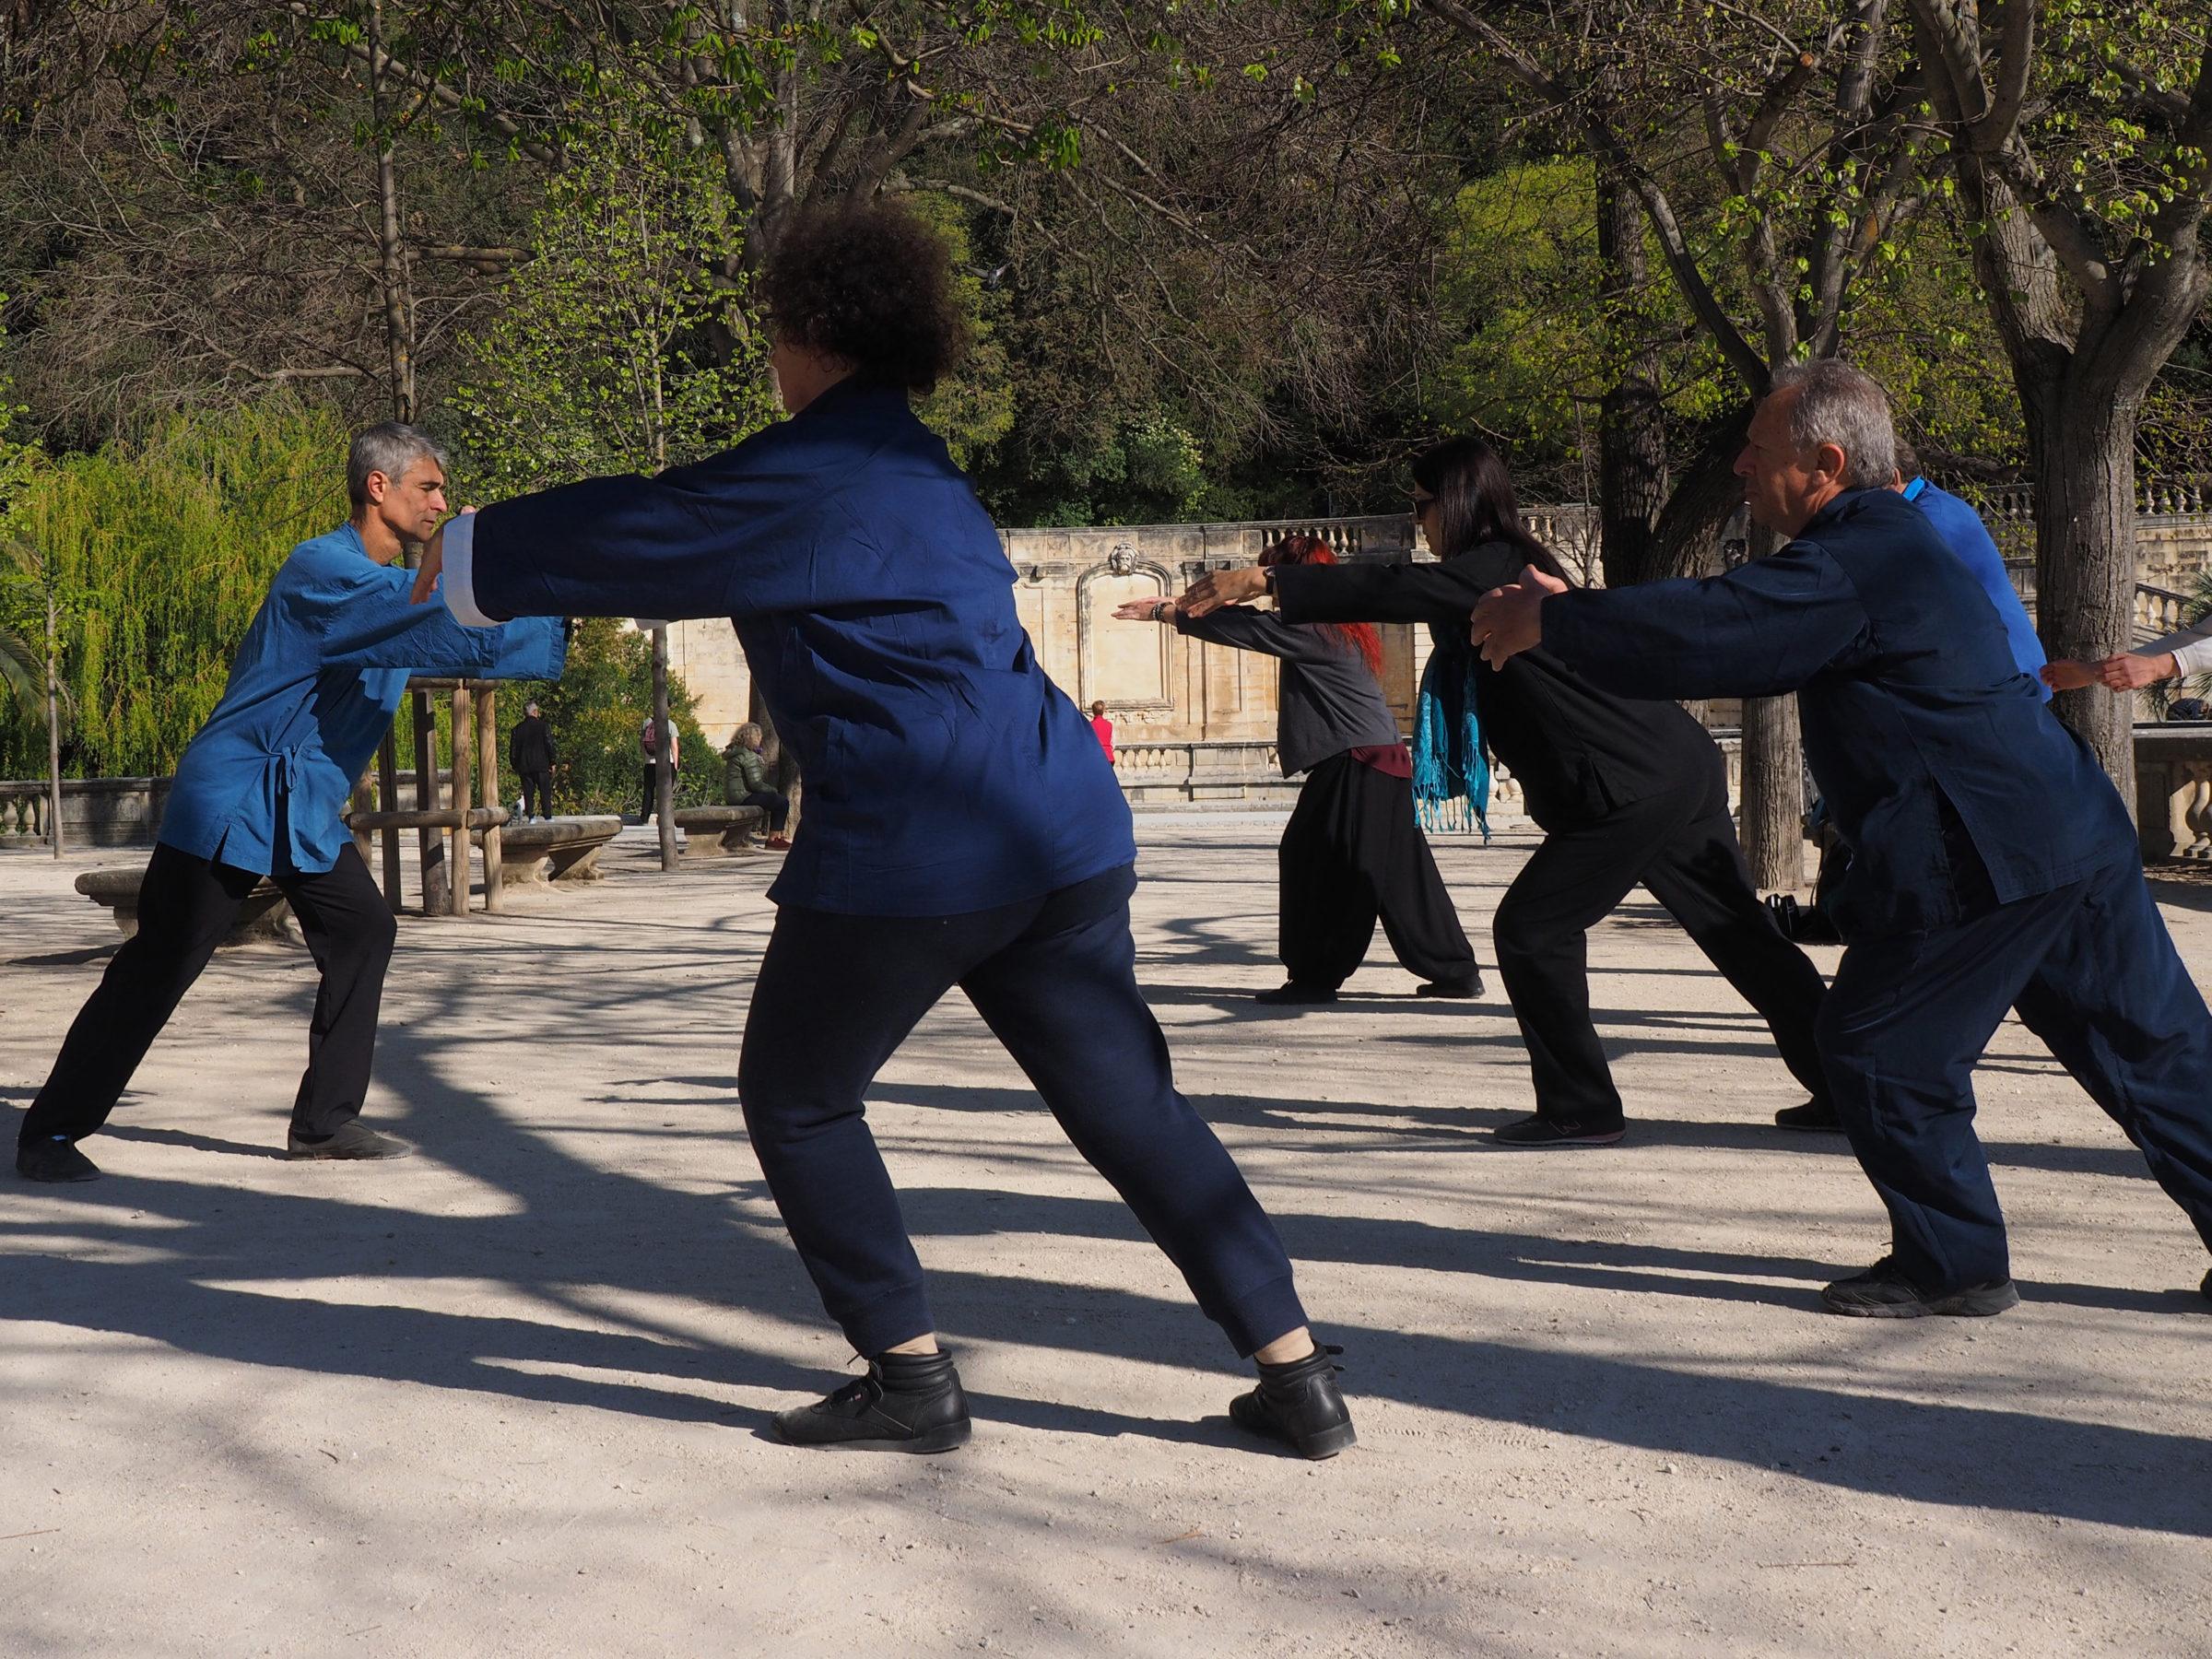 cours et stages -qigong taichi - jardins fontaine nimes - les saisons du Qi